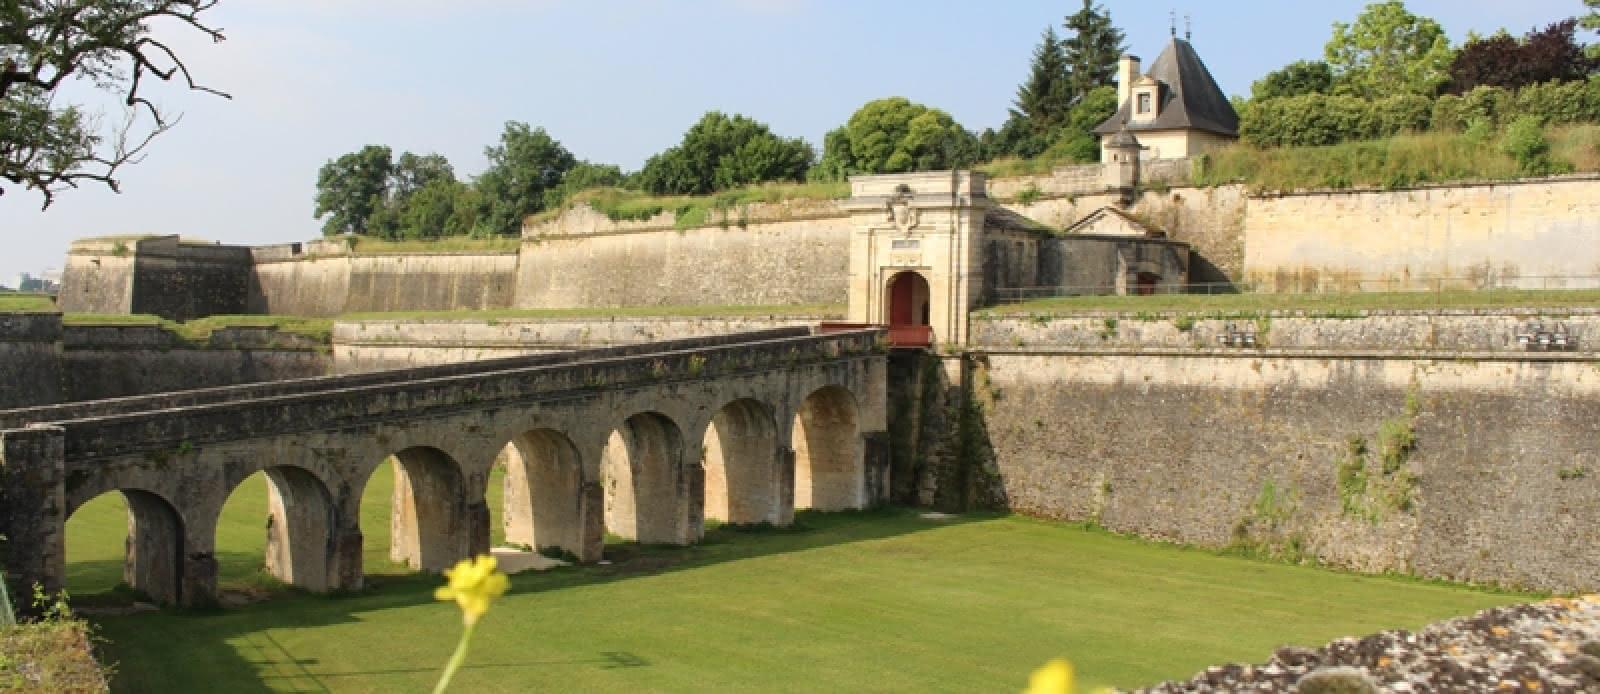 Citadelle--Blaye-Unesco-porte-royale-800x600---credit-Blaye-Tourisme